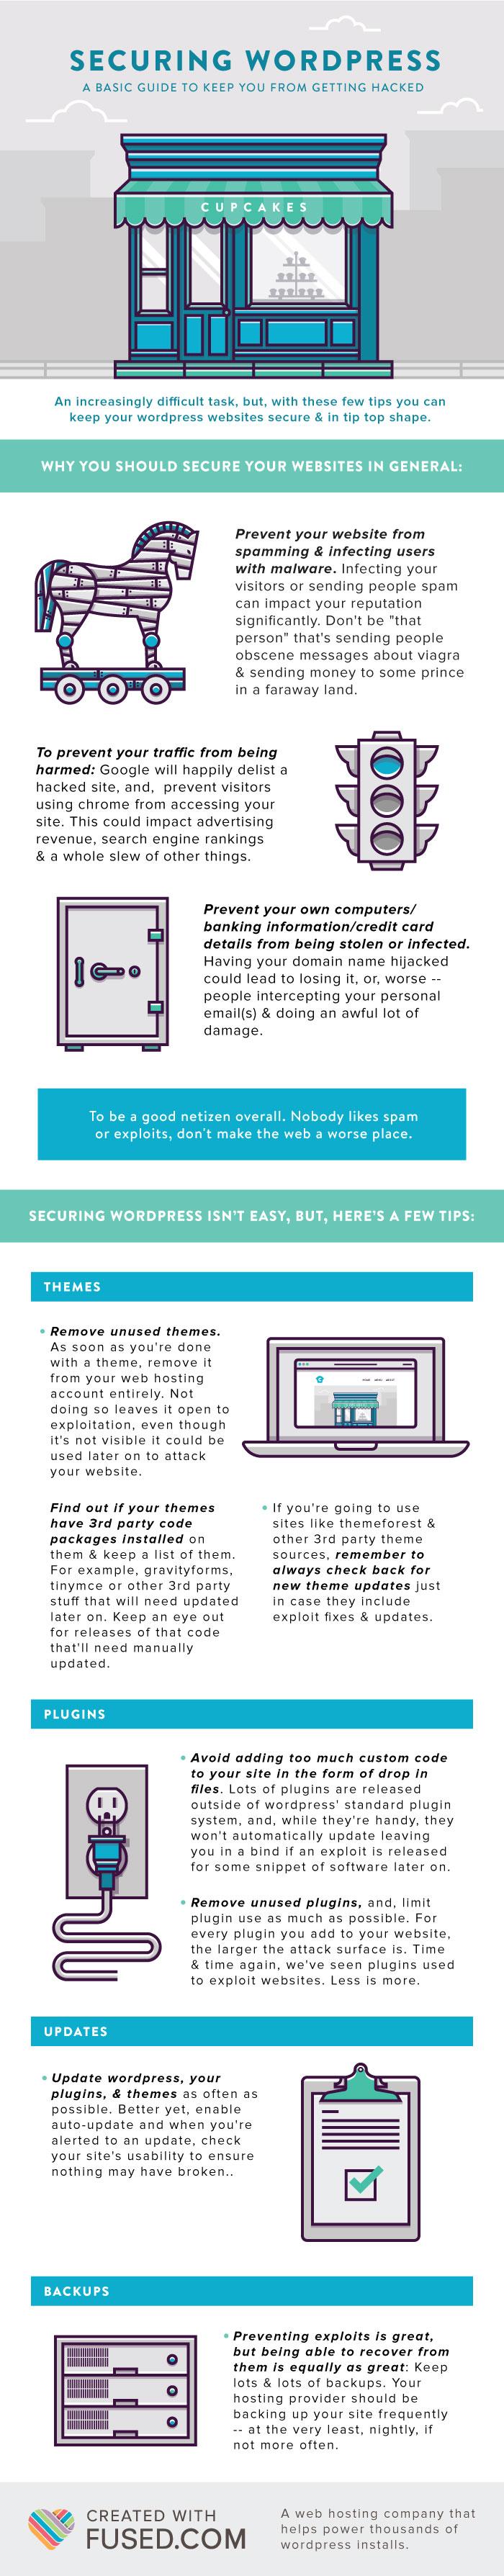 Securing Wordpress